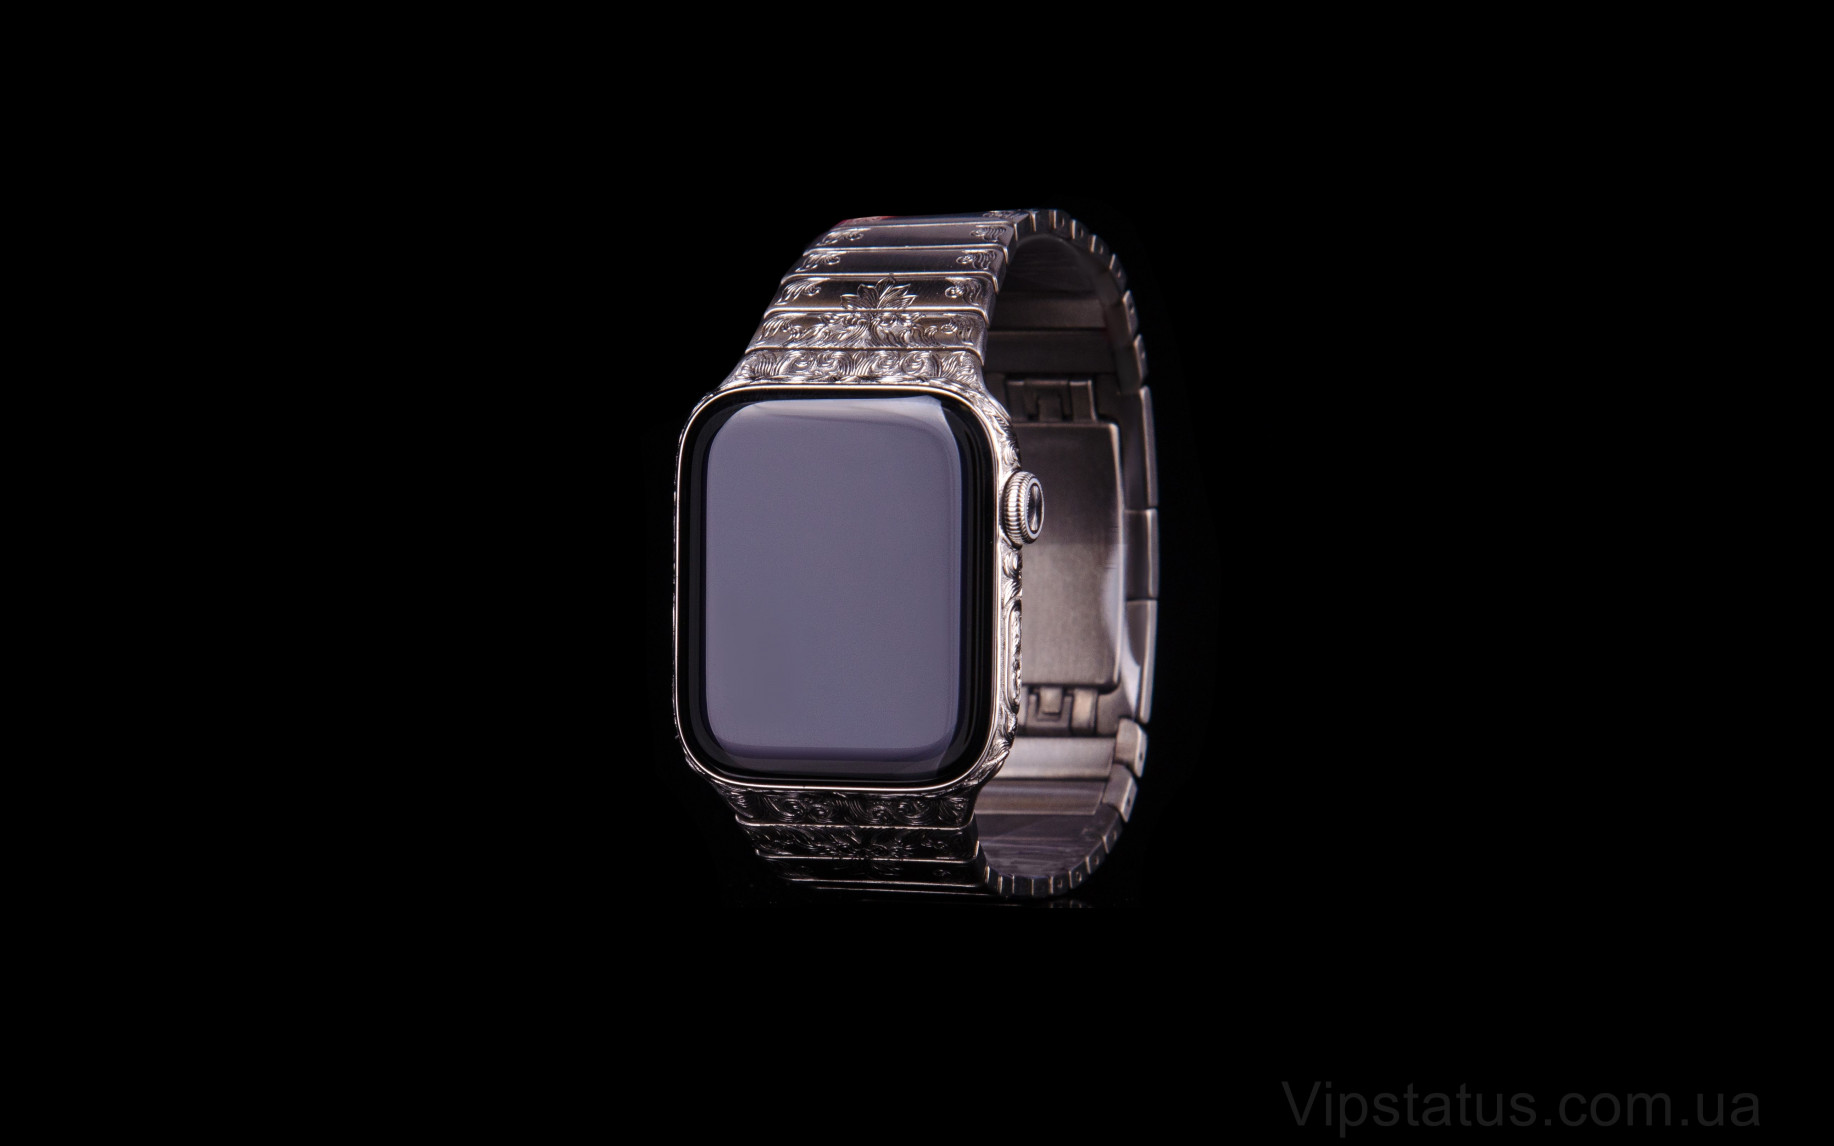 Elite Platinum Star Apple Watch 5 Platinum Star Apple Watch 5 image 1